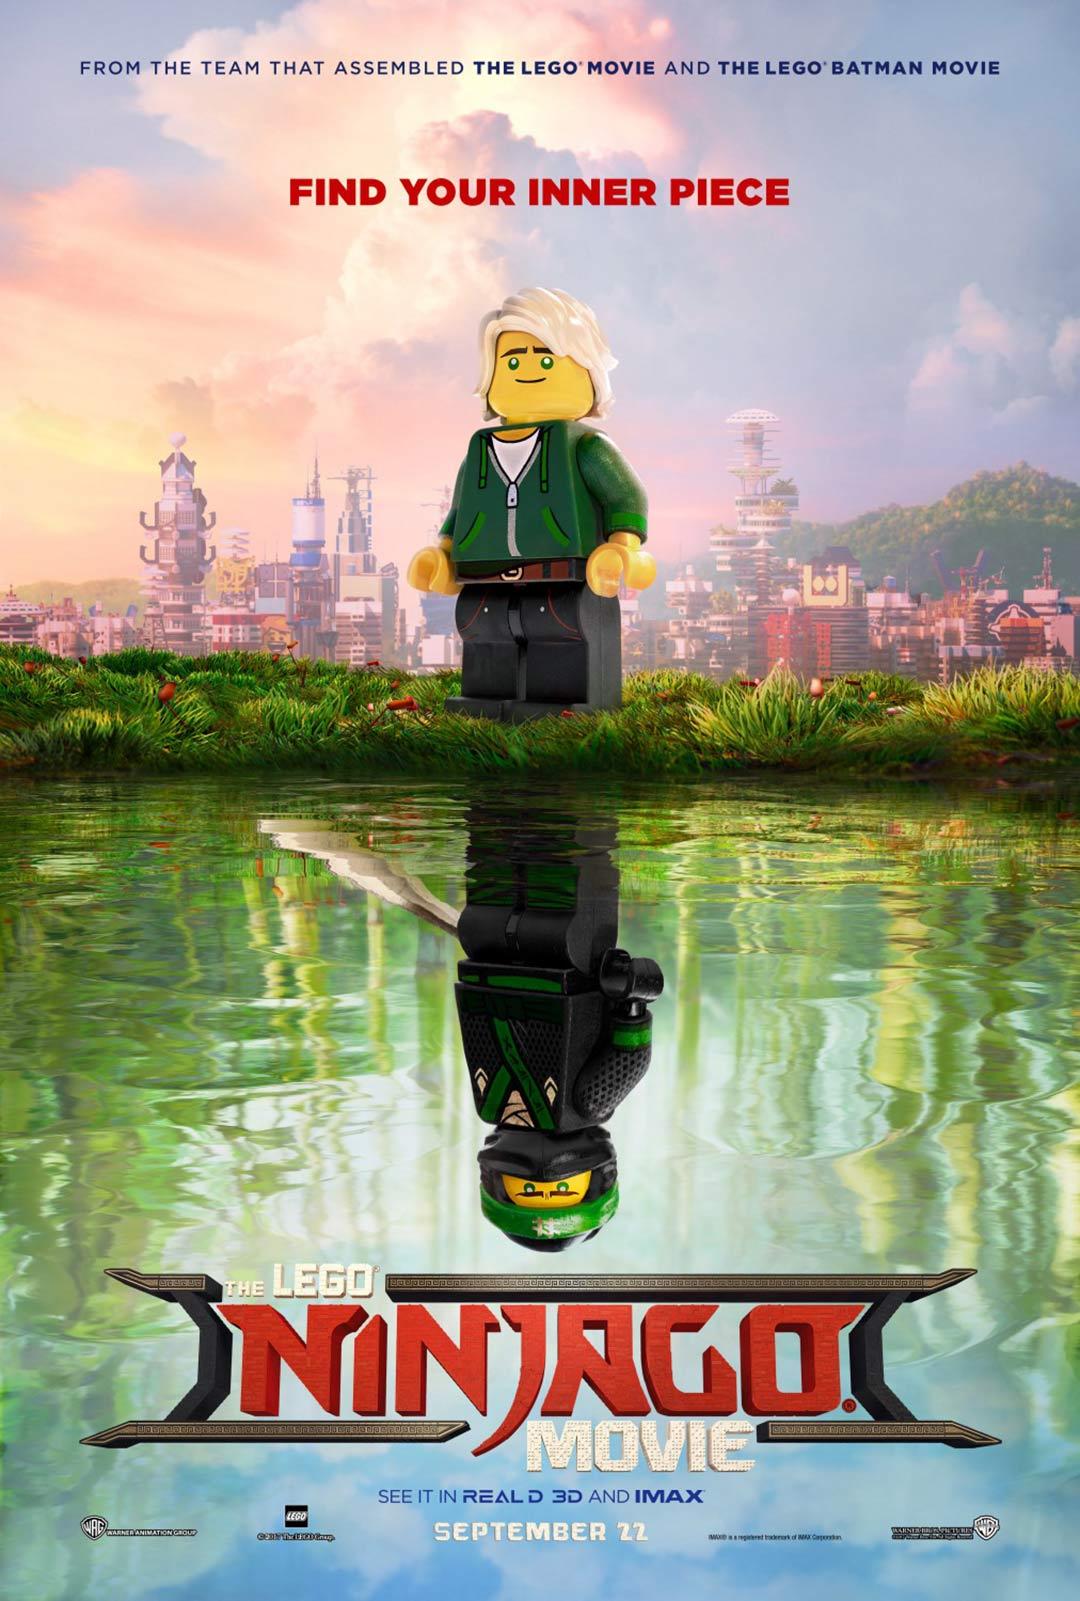 The Lego Ninjago Movie Poster #2